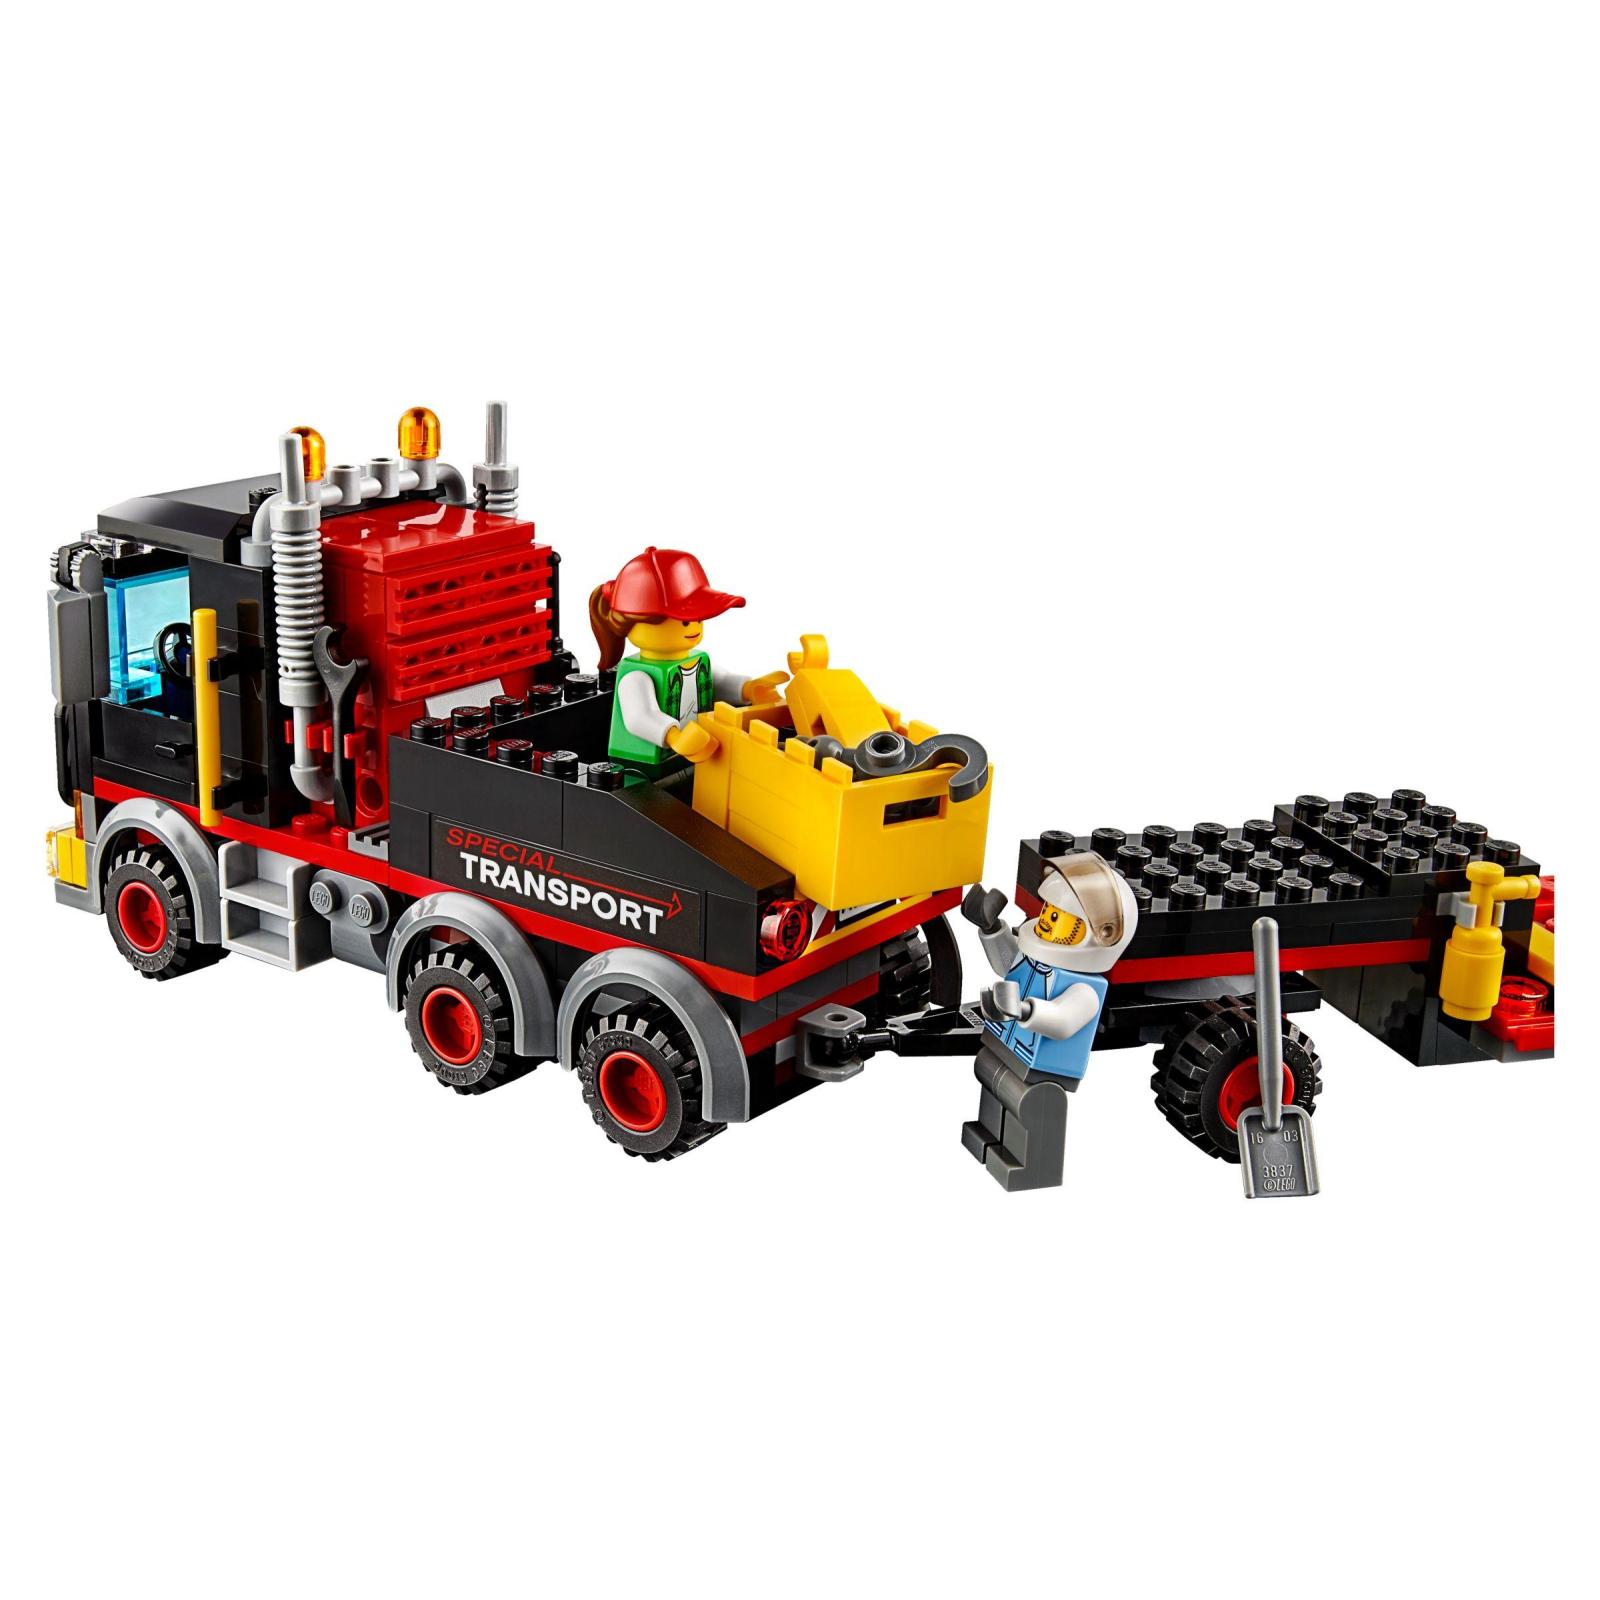 Конструктор LEGO City Перевозка тяжелых грузов (60183) изображение 5